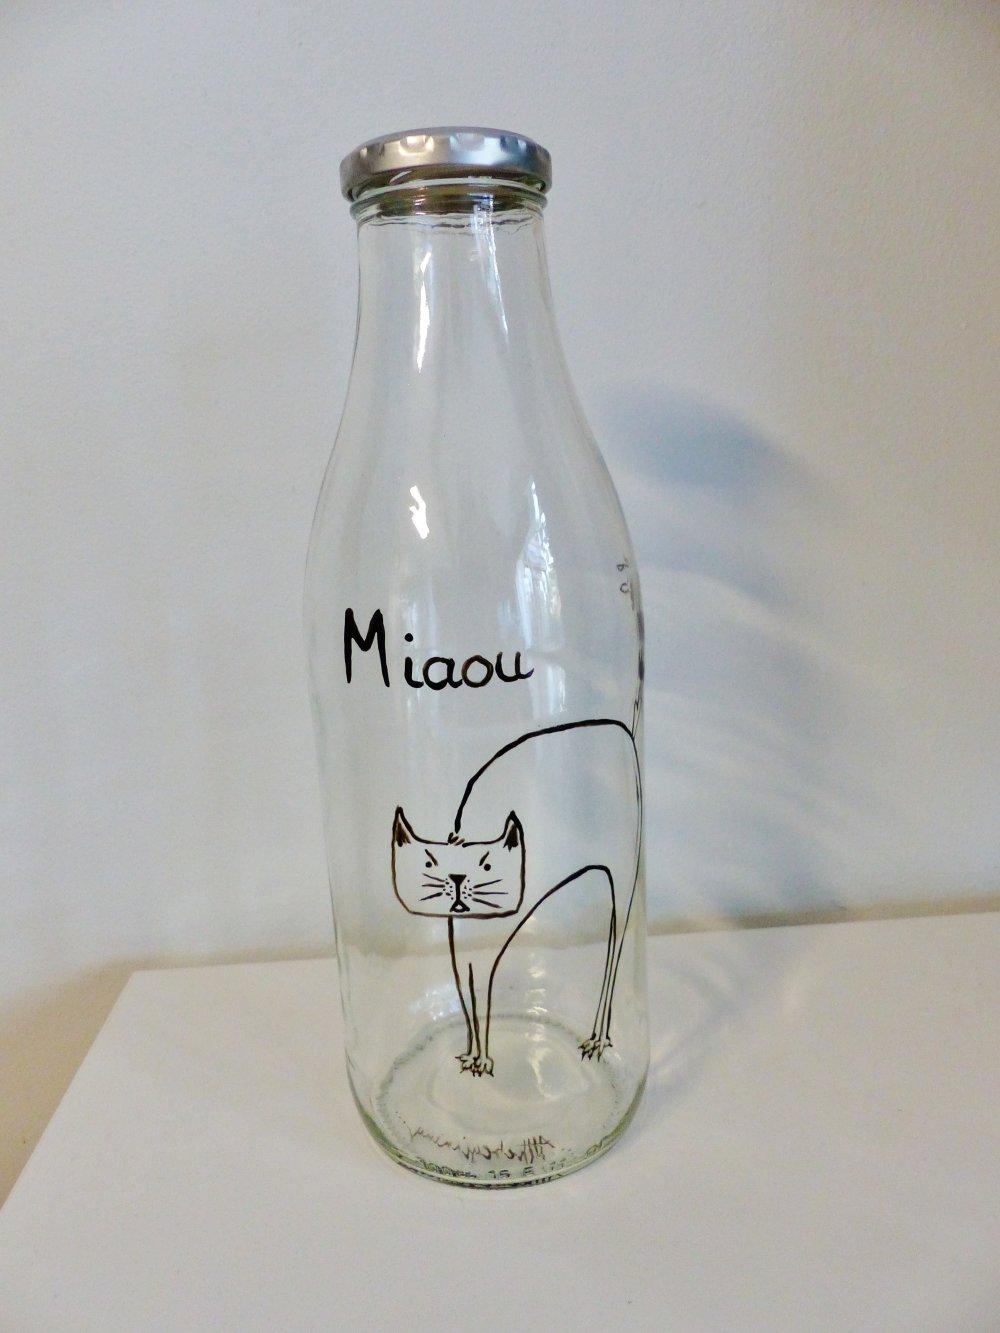 bouteille, carafe, CHAT, Miaou, carafe d'eau, bouteille de lait,  peint à la main